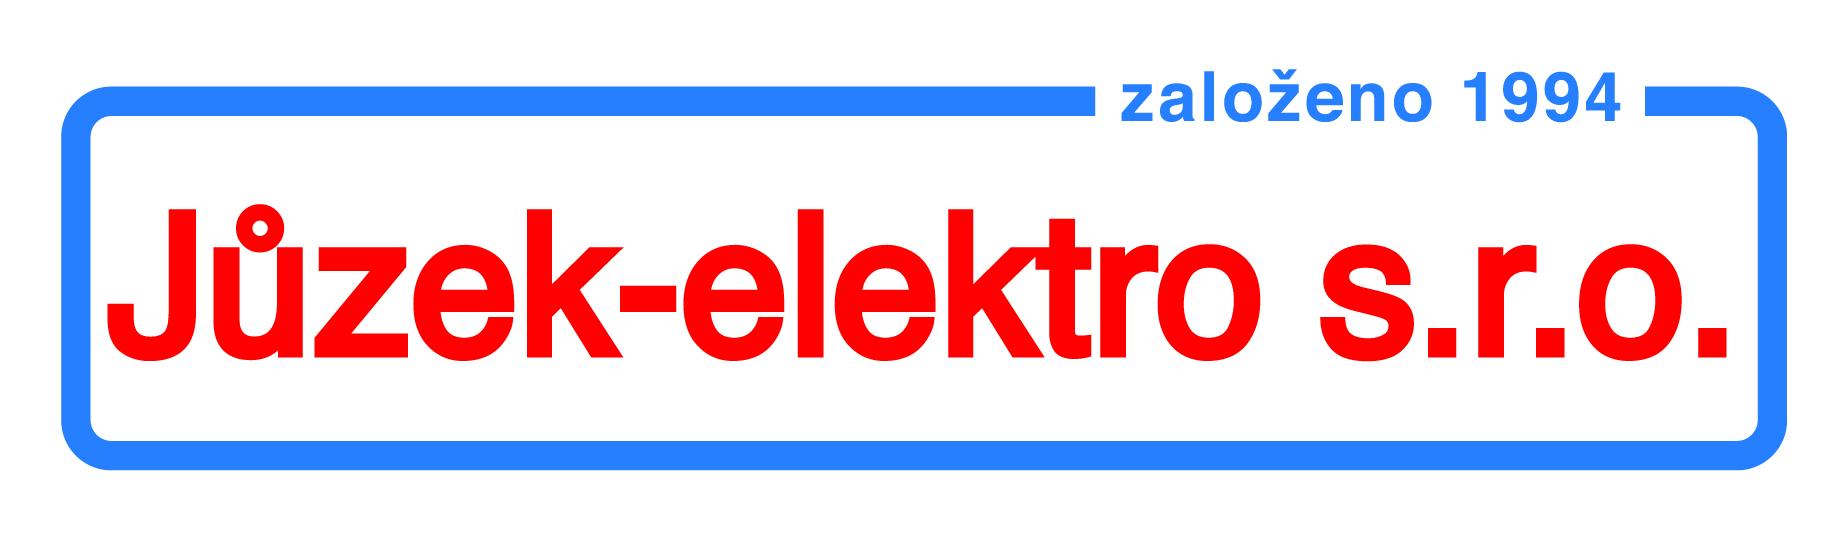 Jablotron alarmy, platinový montážní partner Jůzek-elektro s.r.o.